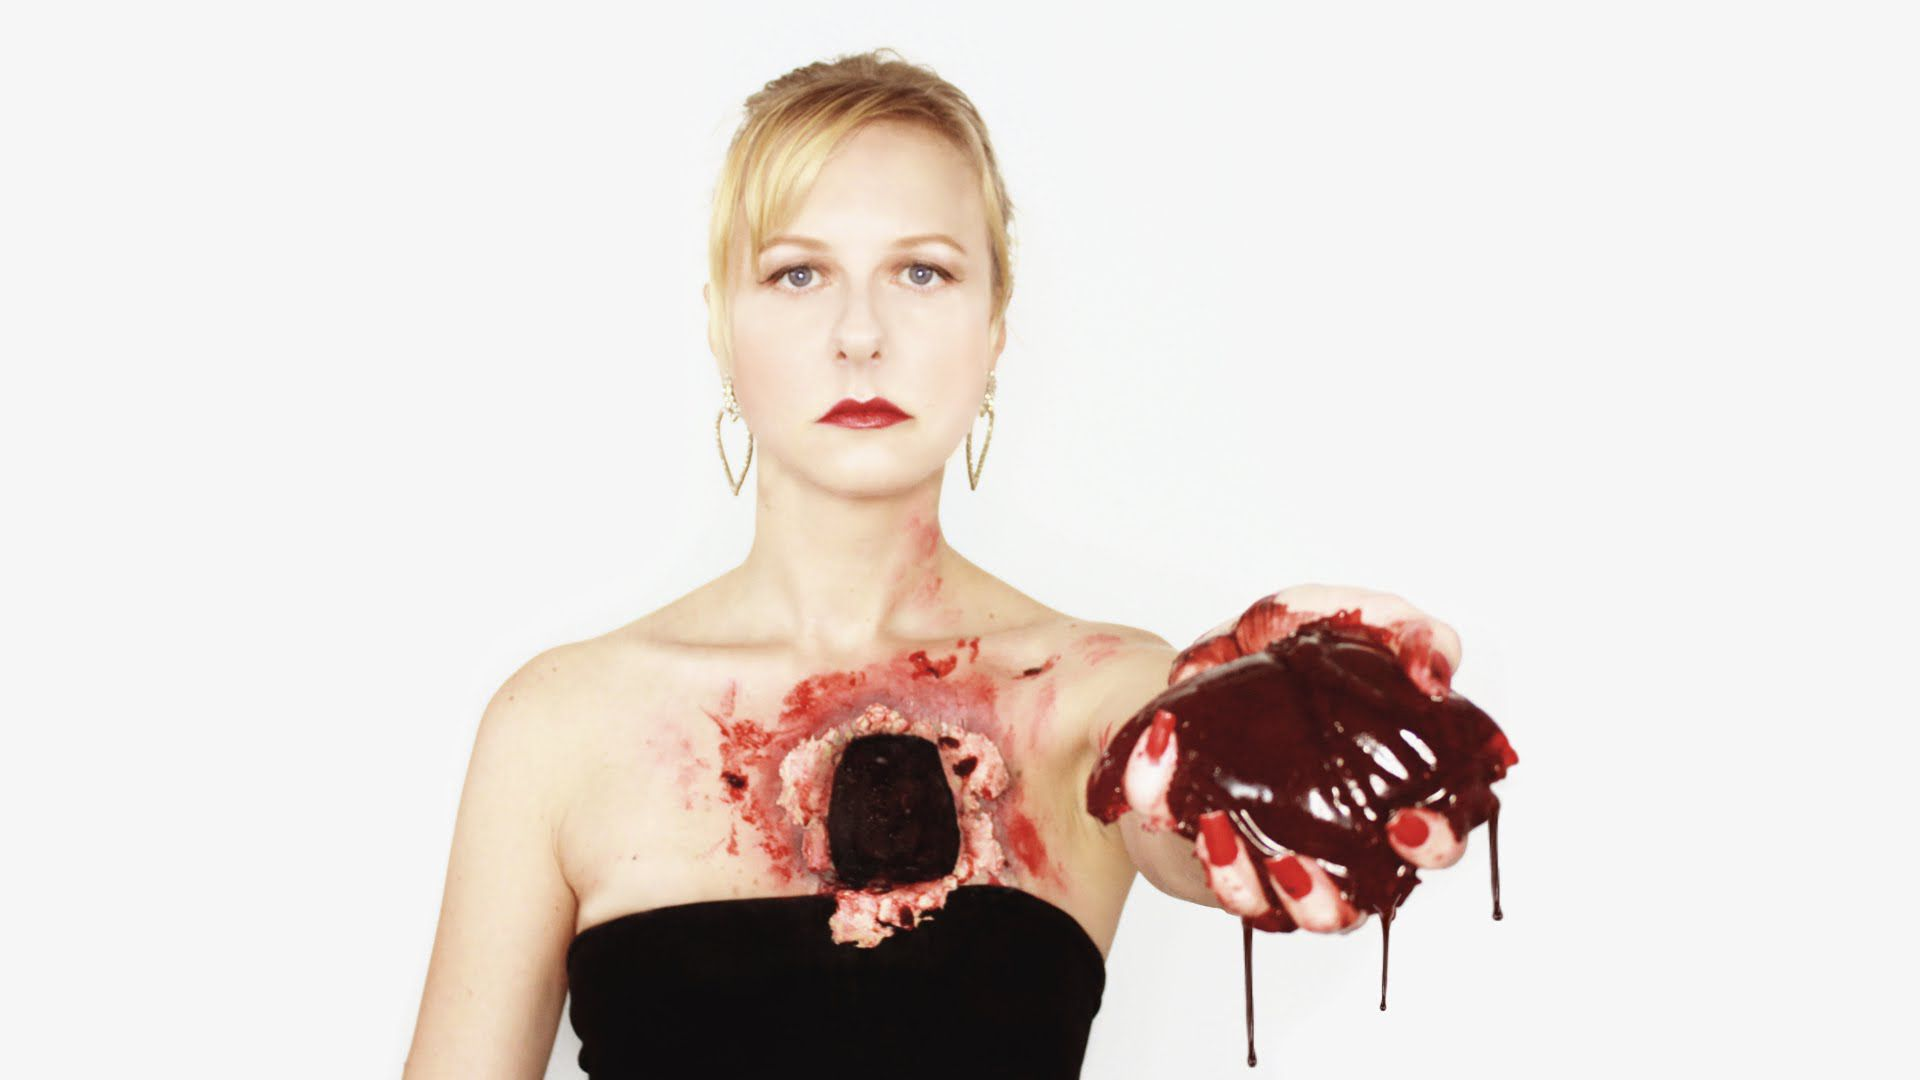 Sangue líquido cenográfico 1 litro